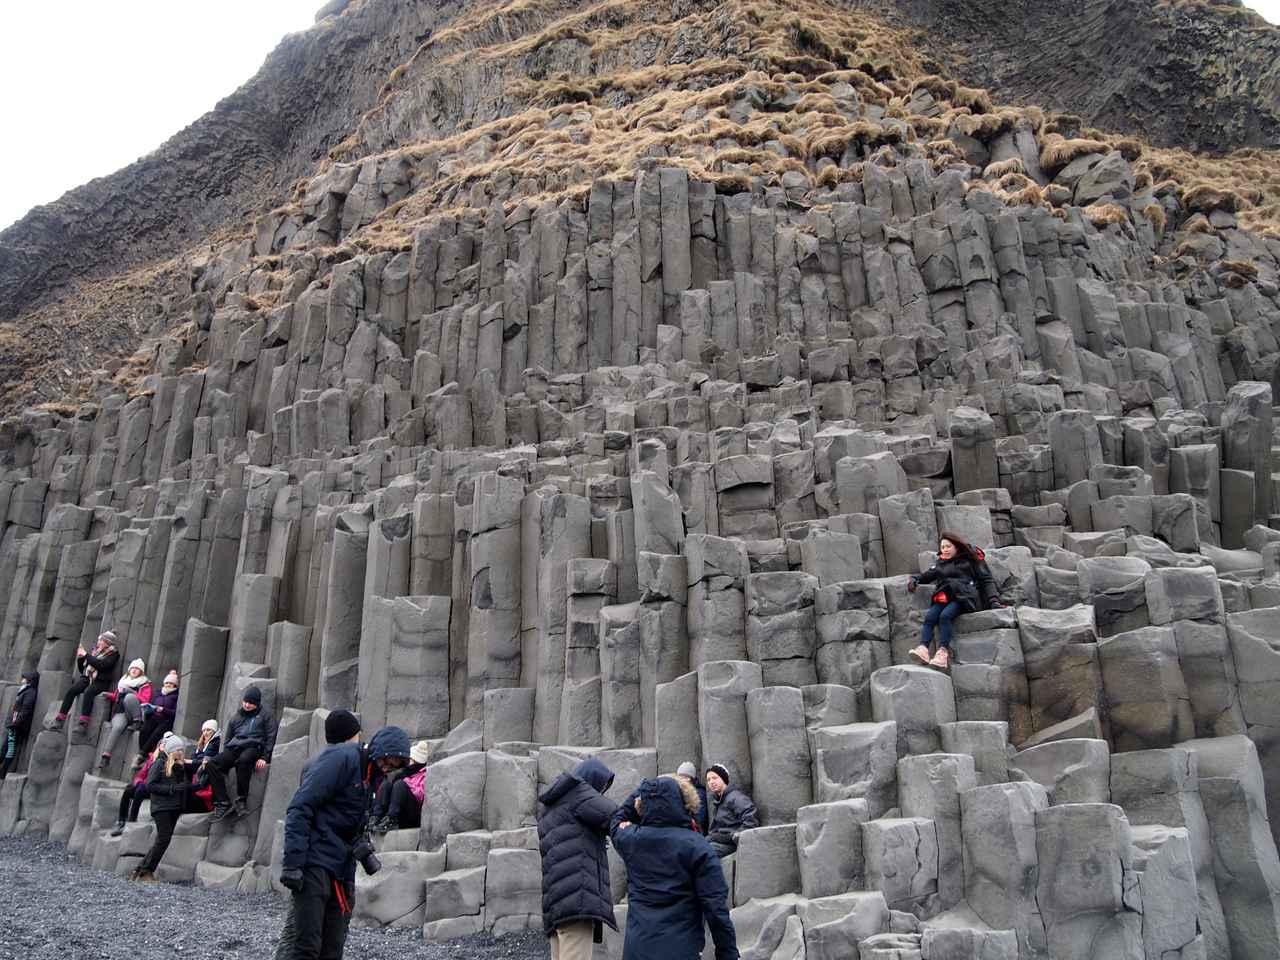 画像: 気を付ければ登ることもできる柱状節理(イメージ/Viking提供)